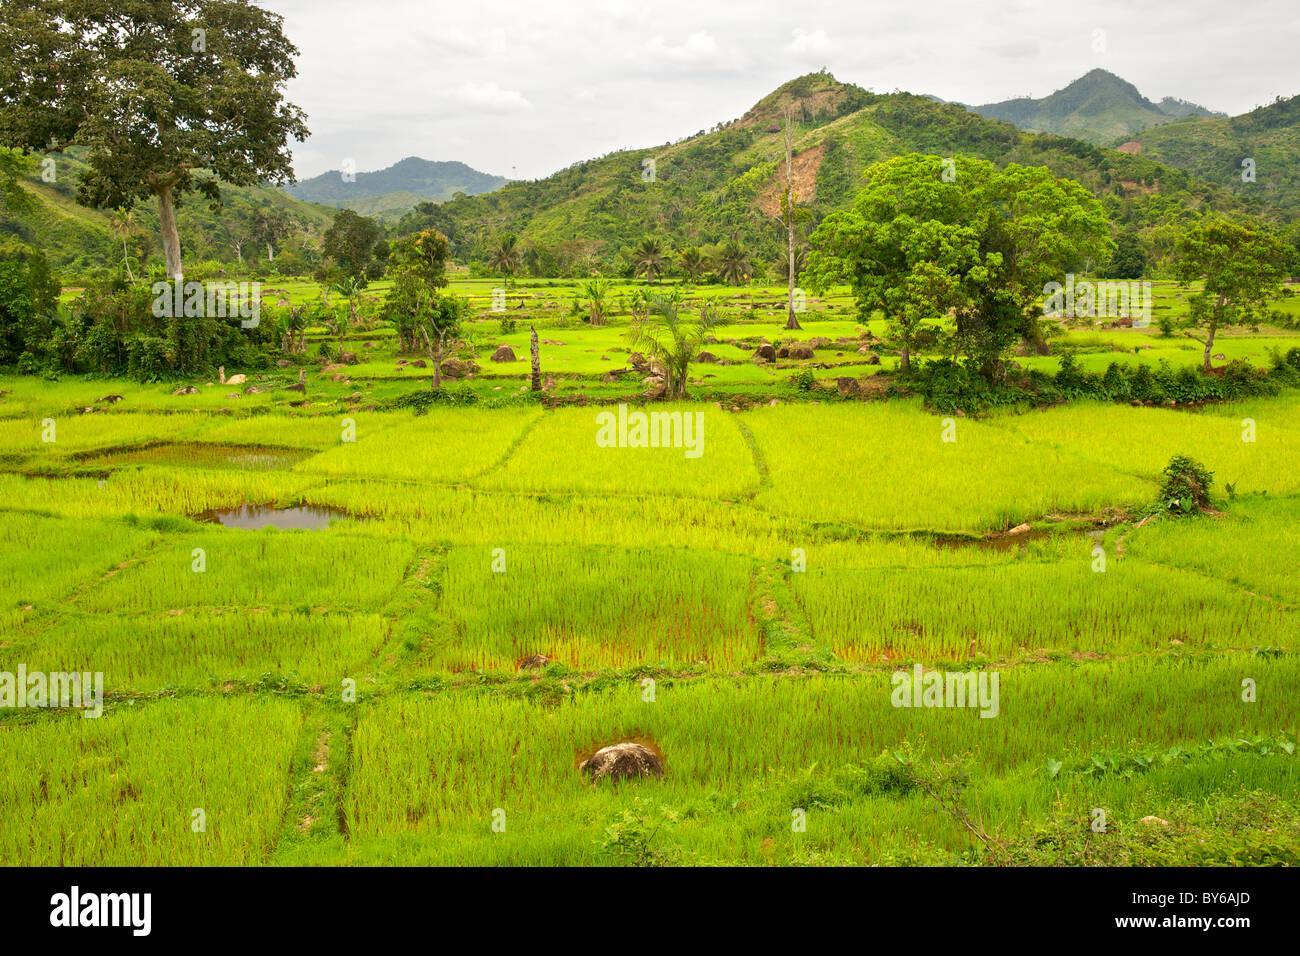 Blick auf die üppige Landschaft und grünen Reis Paddy Plantagen an der Grenze der Marojejy Nationalpark Stockbild